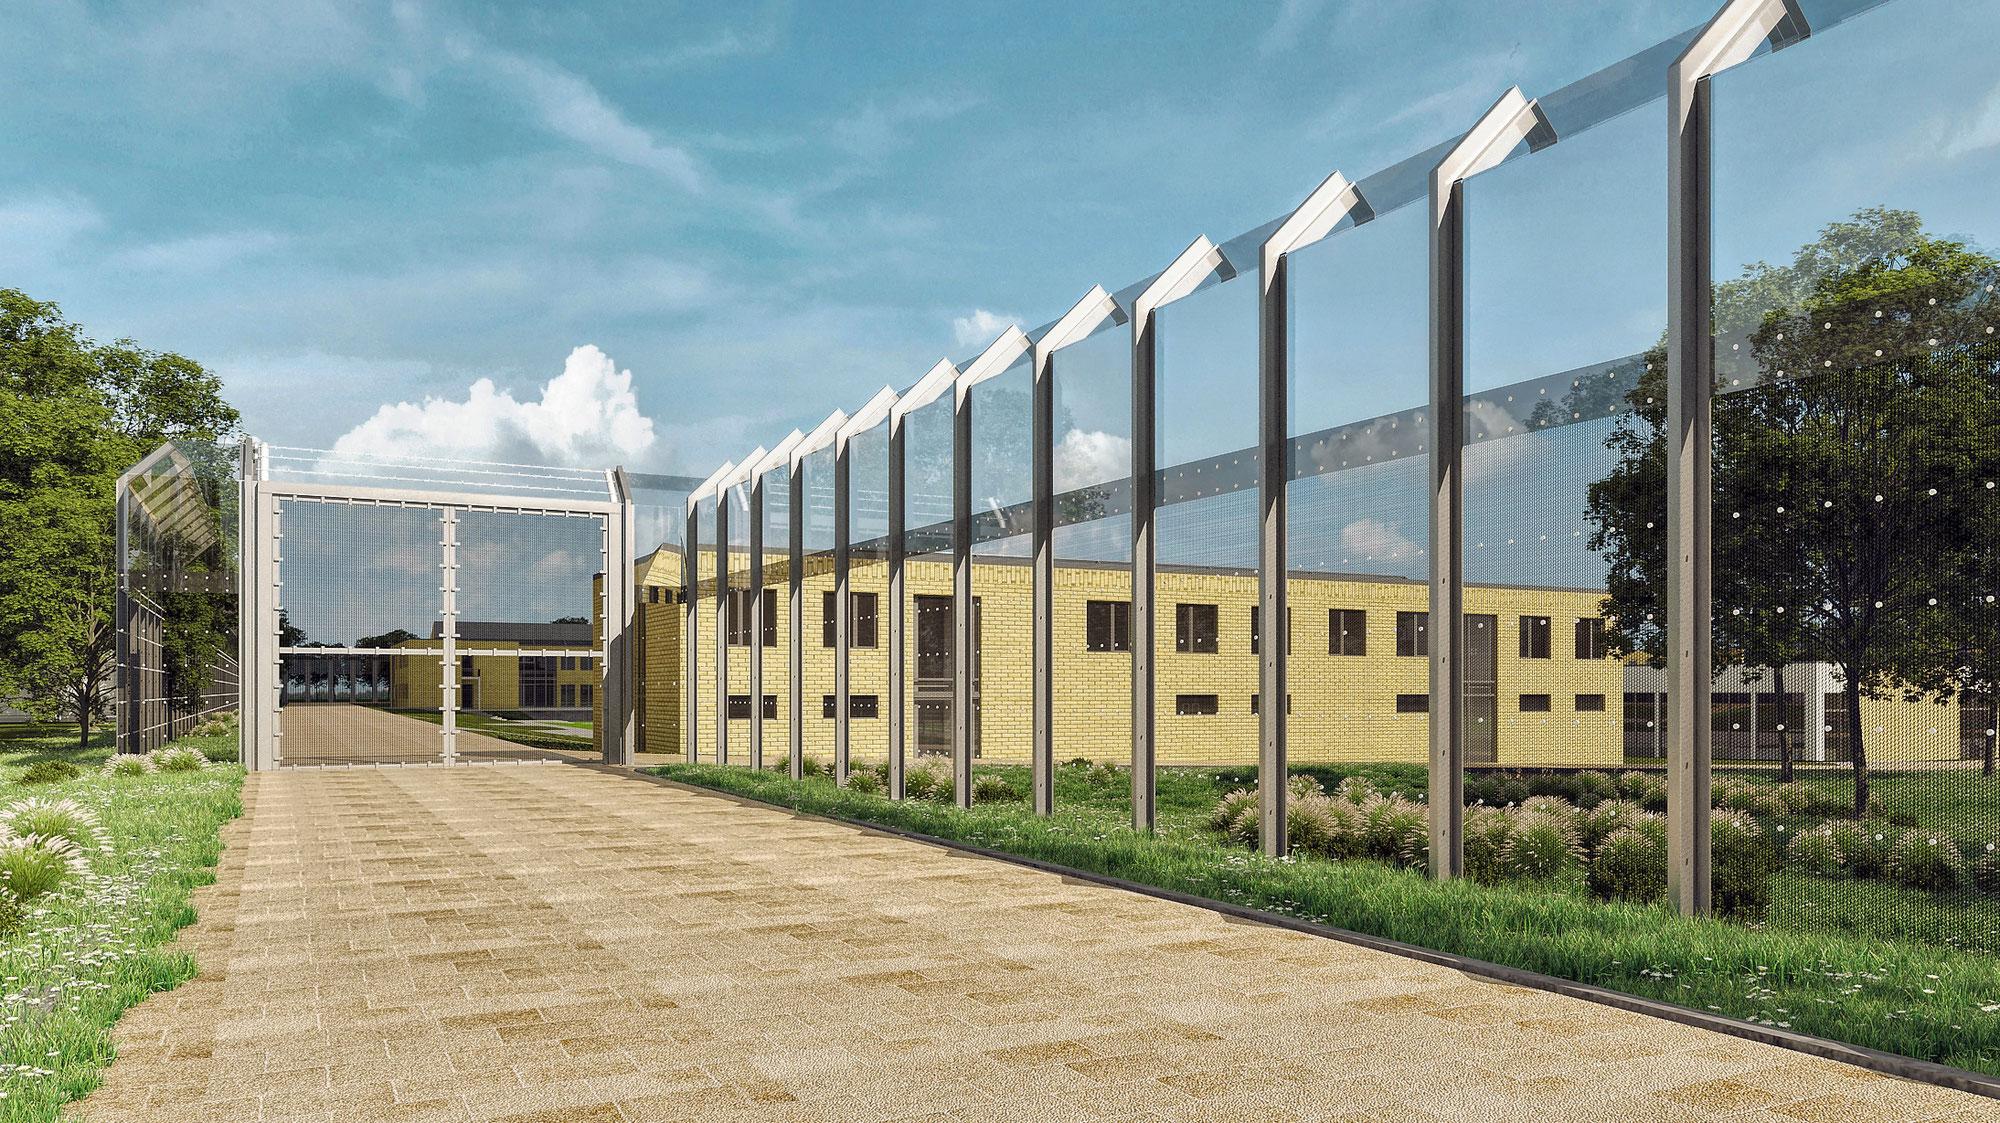 Bau eines Hochsicherheitszaunes im Maßregelvollzug Bernburg